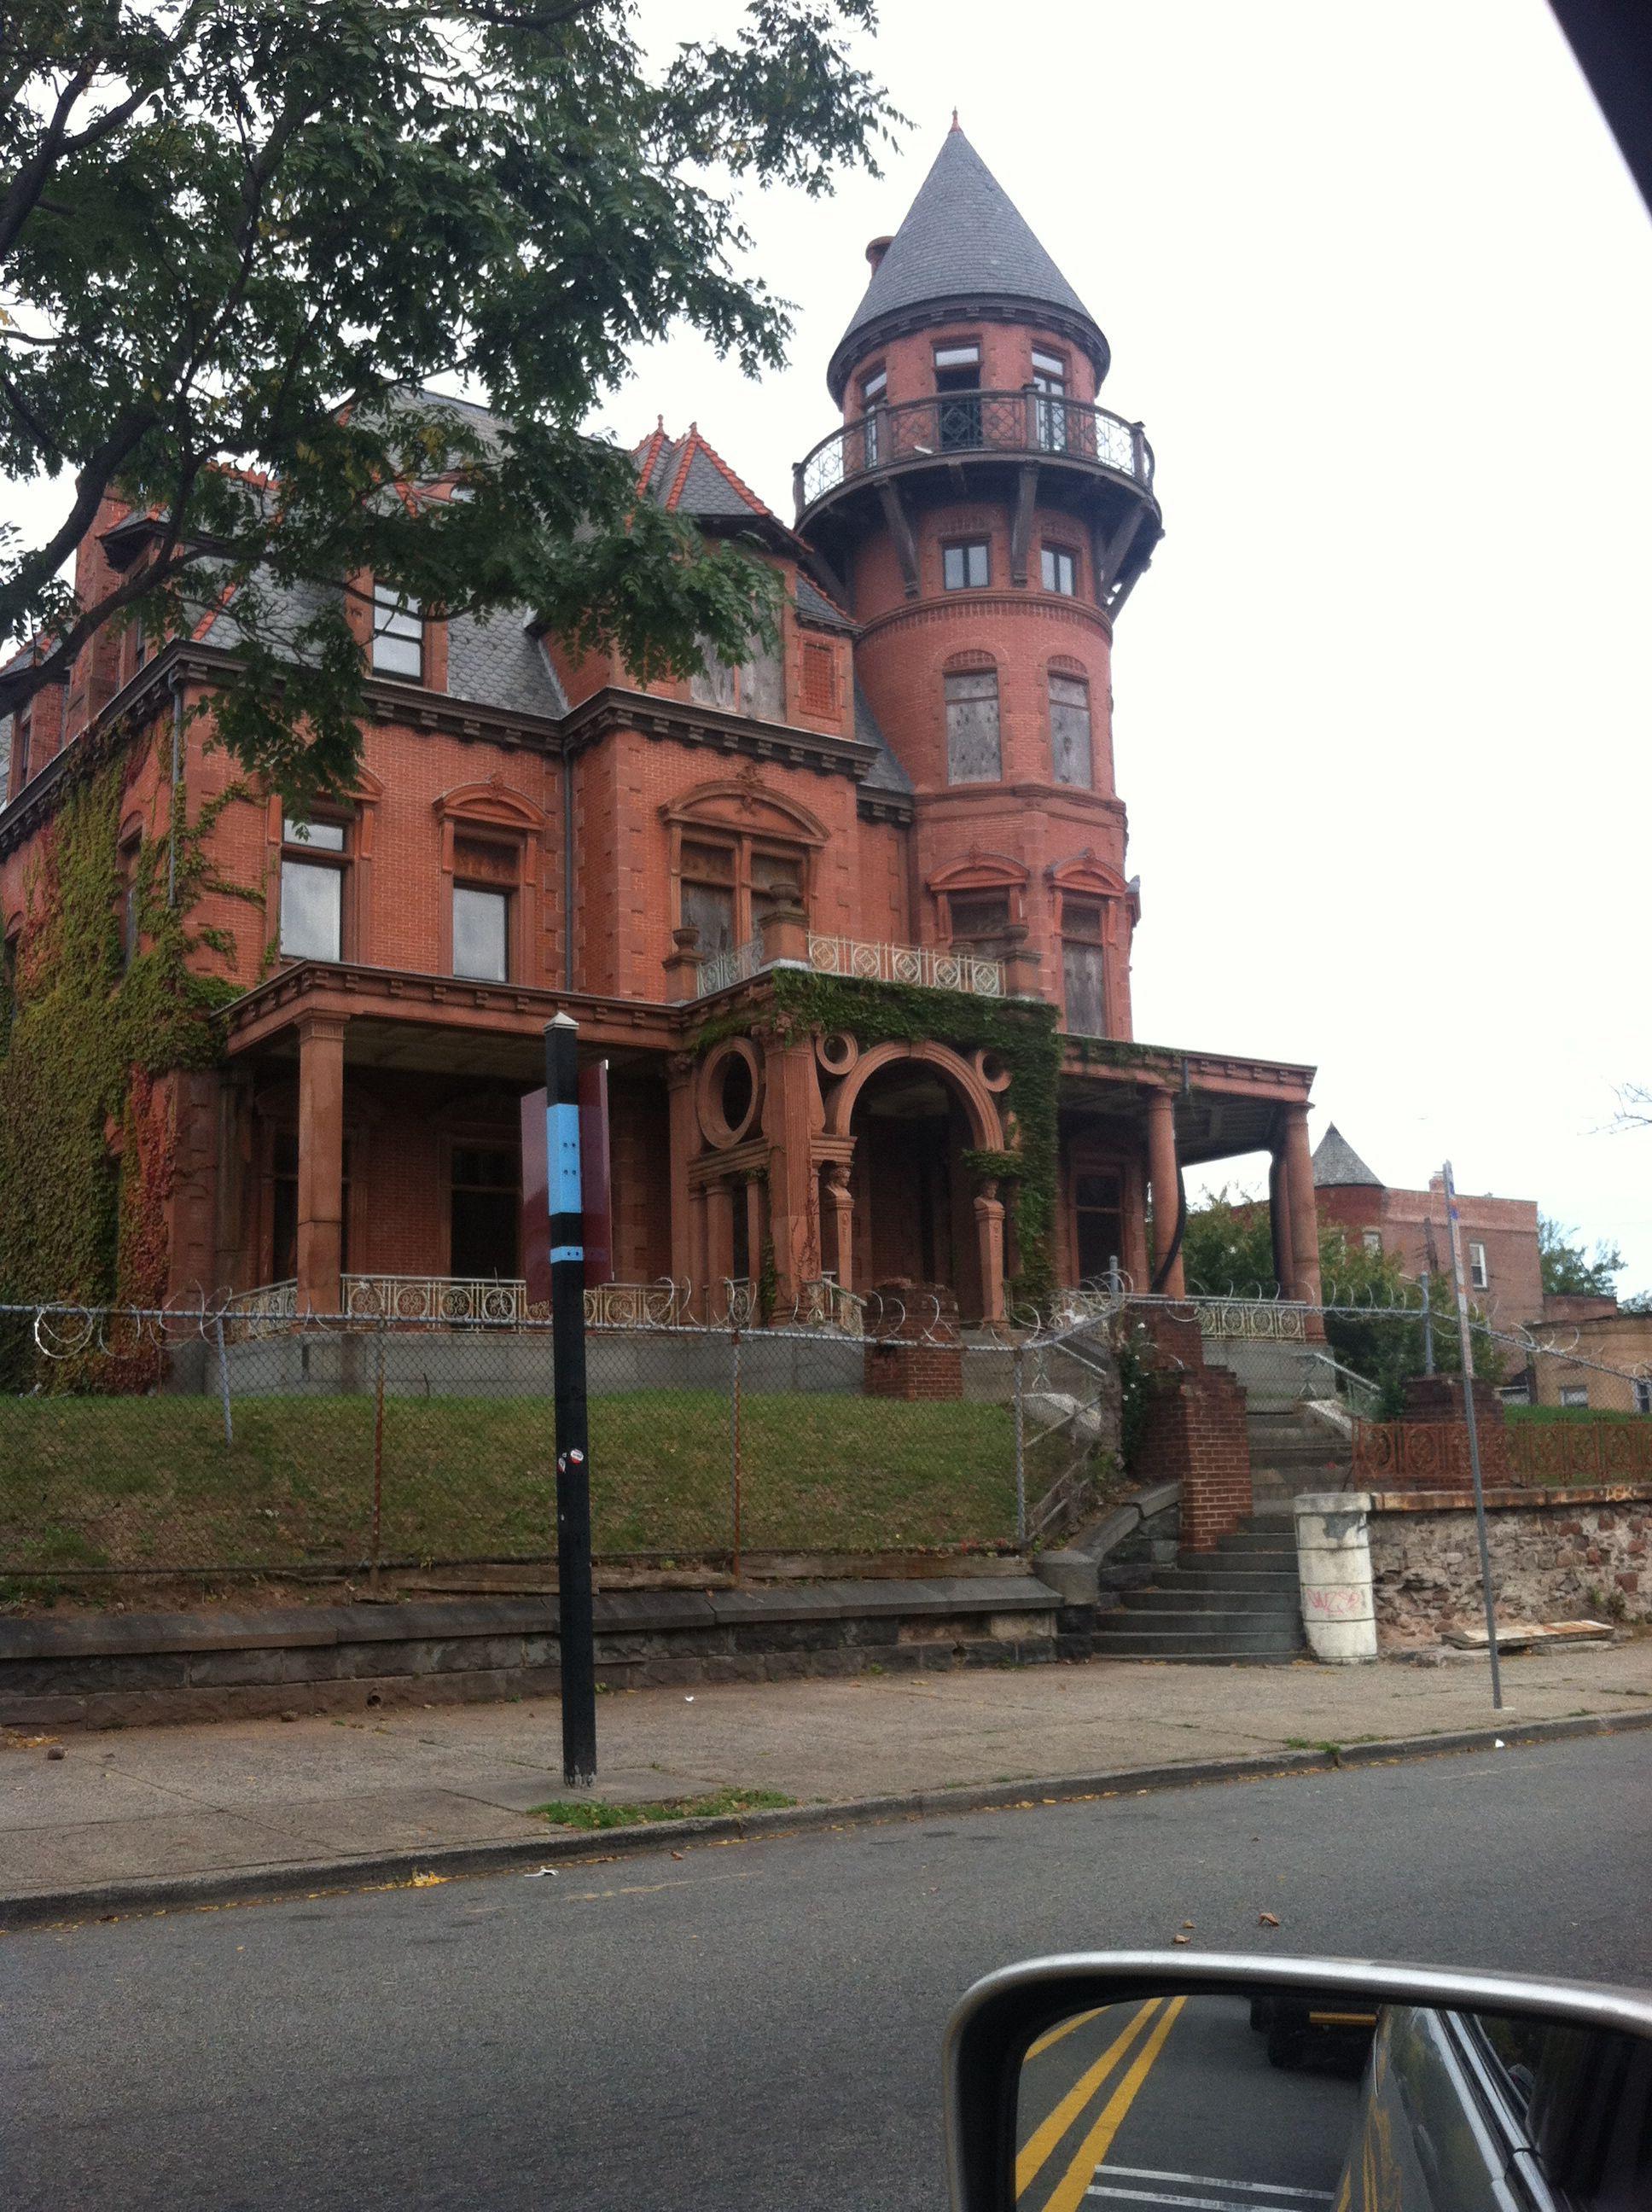 Abandoned Property Newark Nj Usa Old Abandoned Buildings